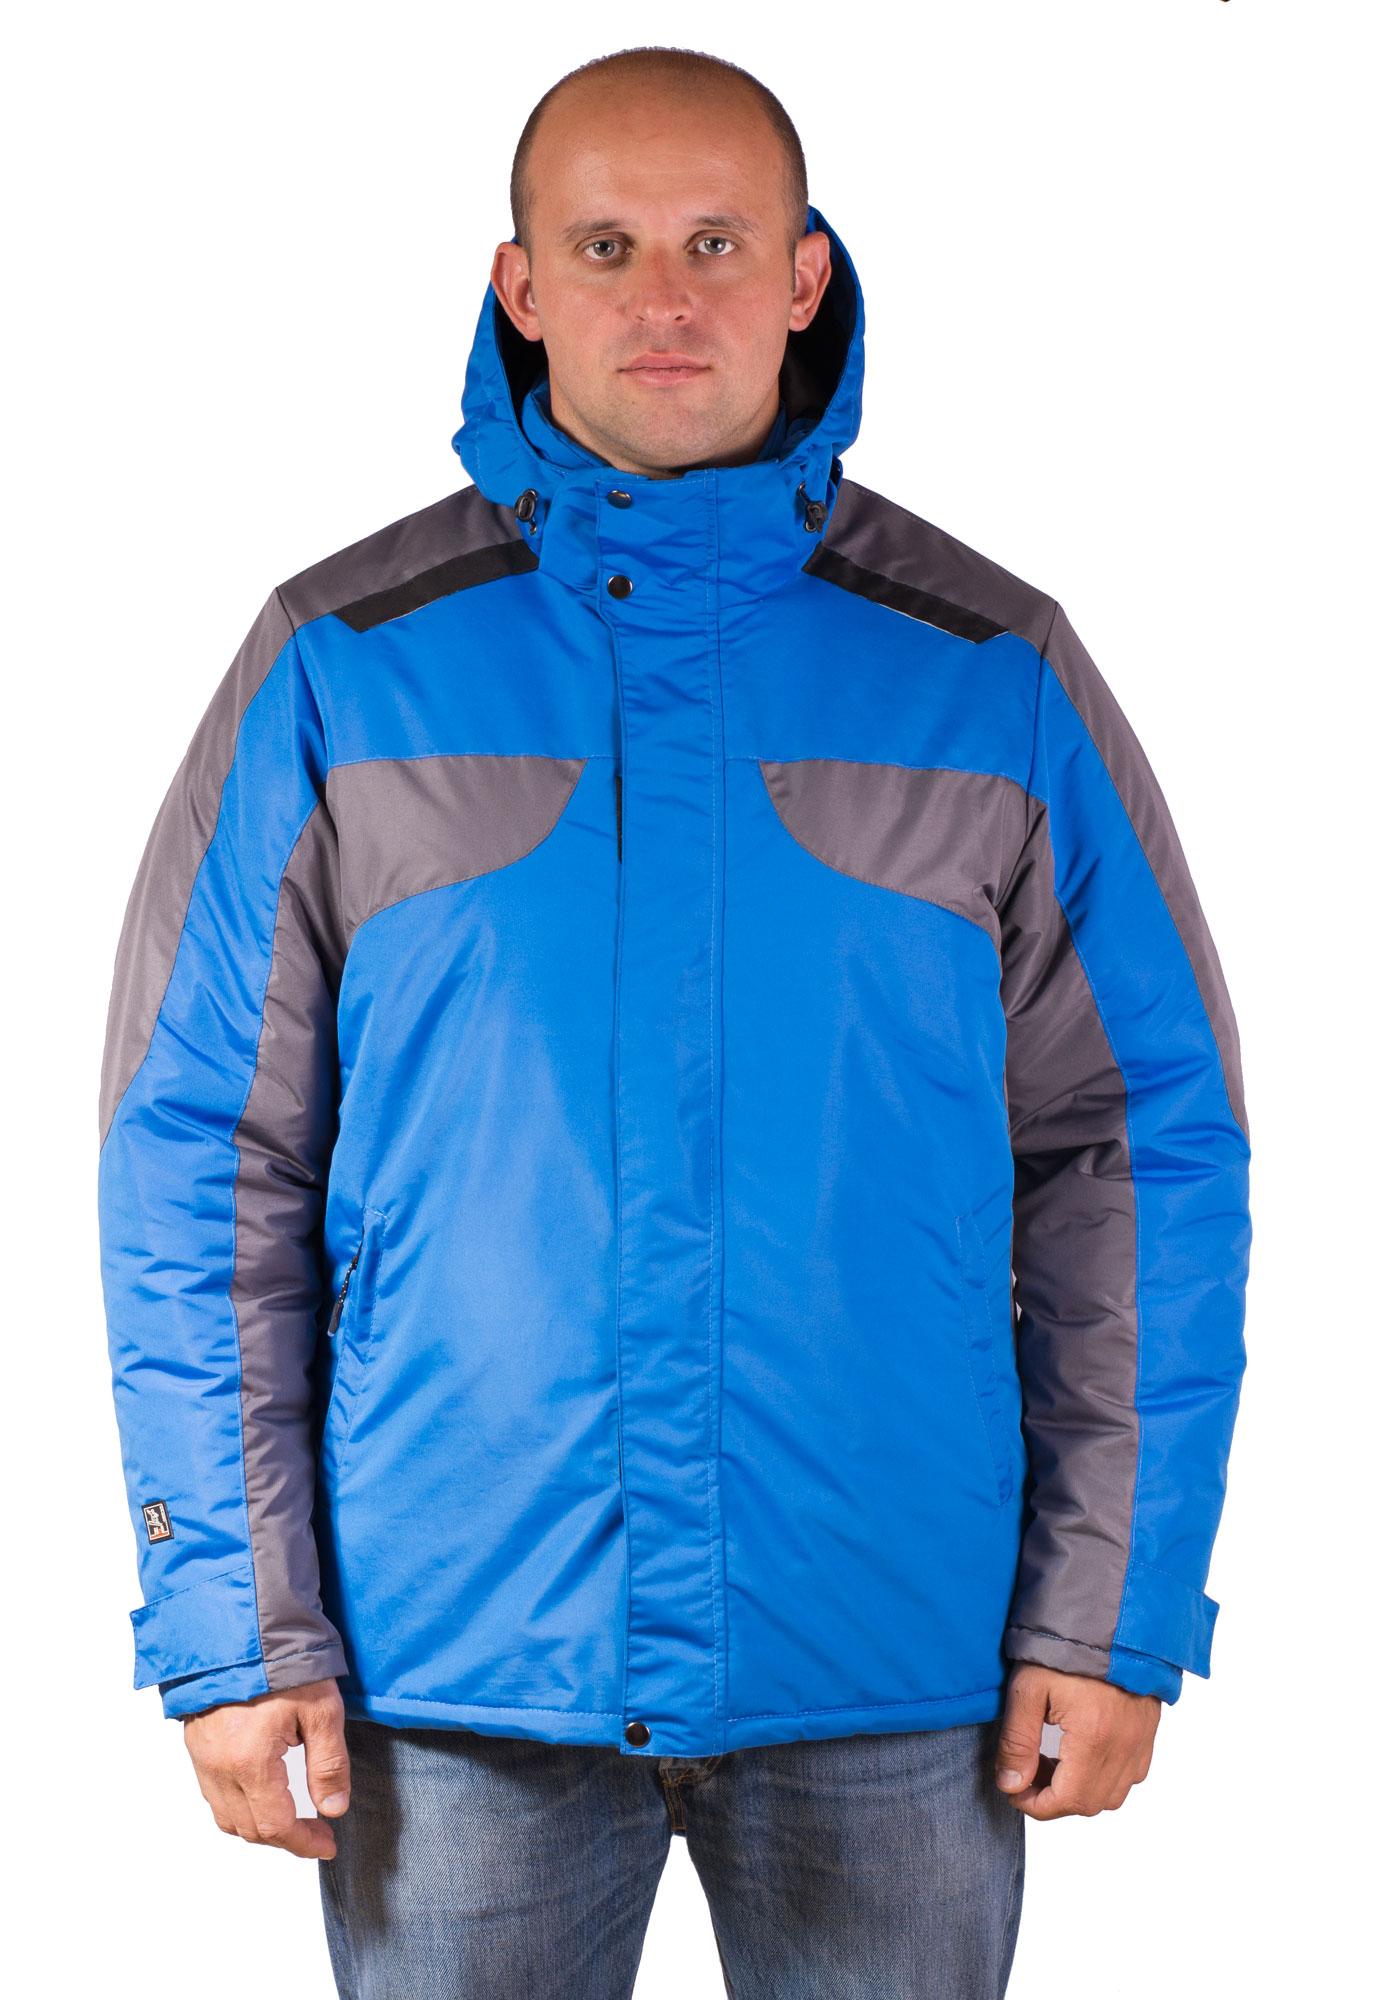 a76b15d3 картинка Горнолыжная куртка Викинг 3 от магазина Спортсоло